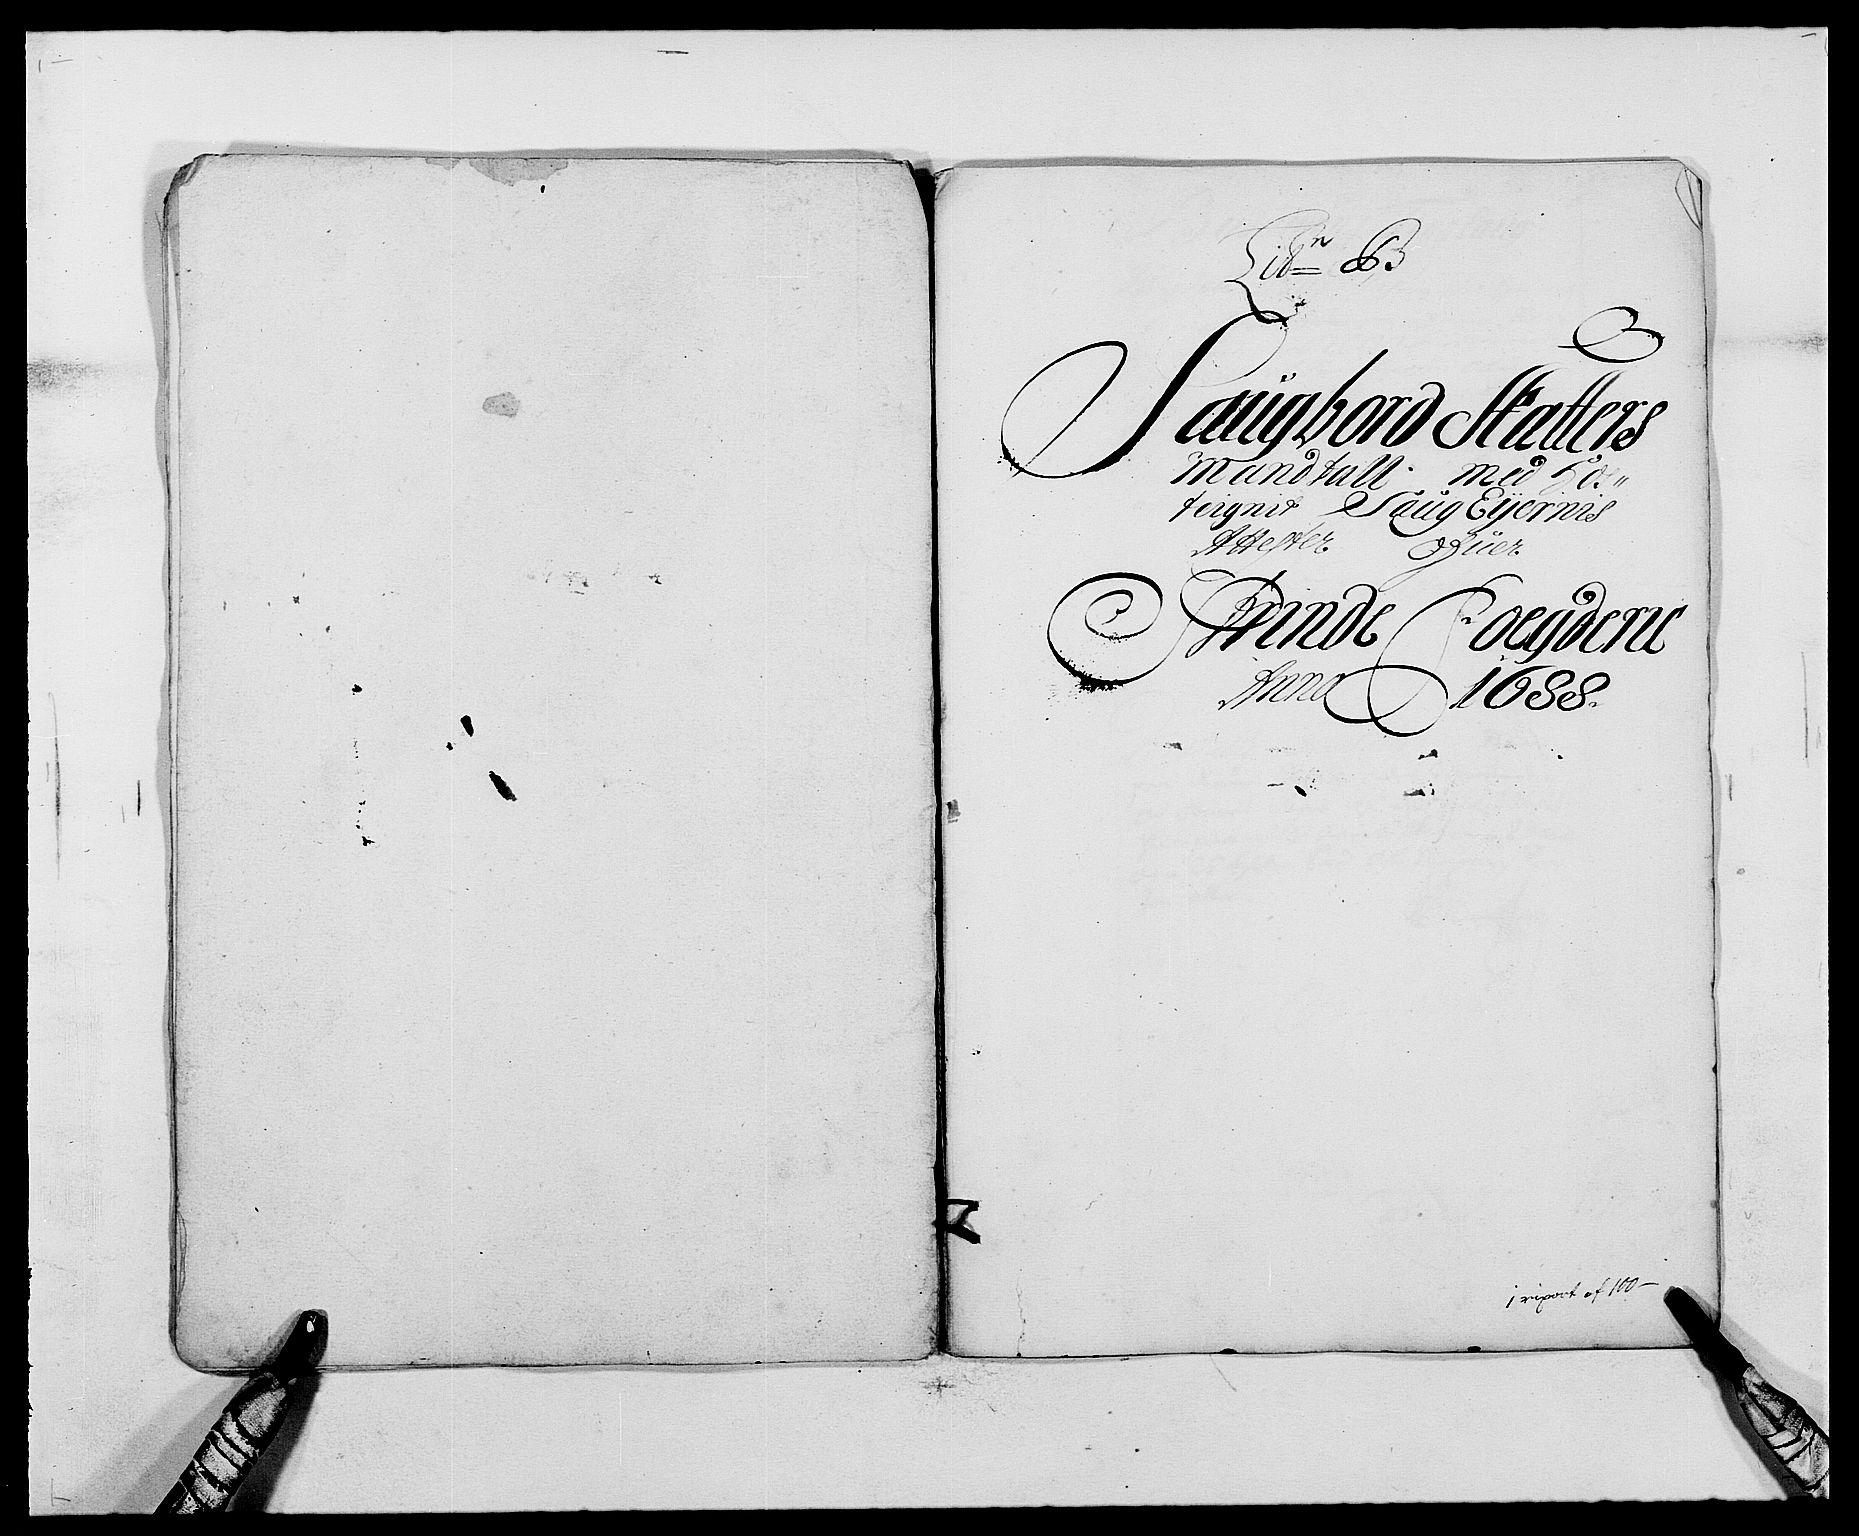 RA, Rentekammeret inntil 1814, Reviderte regnskaper, Fogderegnskap, R61/L4101: Fogderegnskap Strinda og Selbu, 1687-1688, s. 168